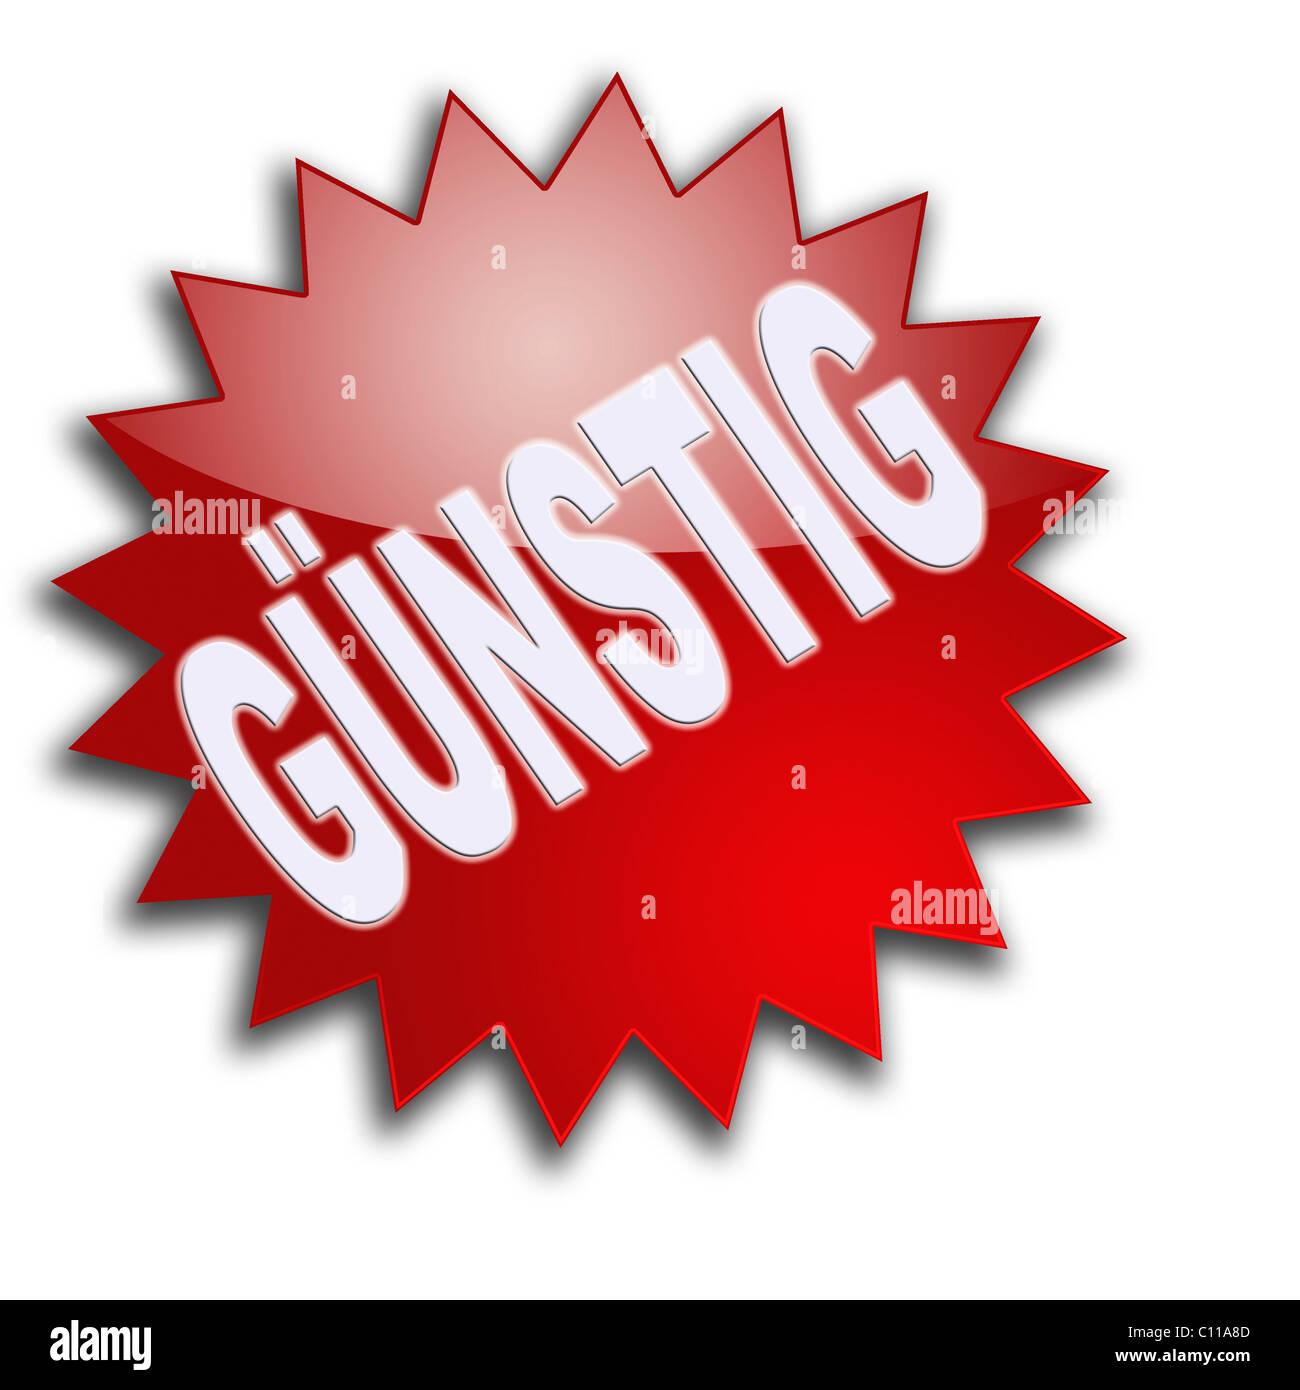 Lettering 'Guenstig', cheap - Stock Image